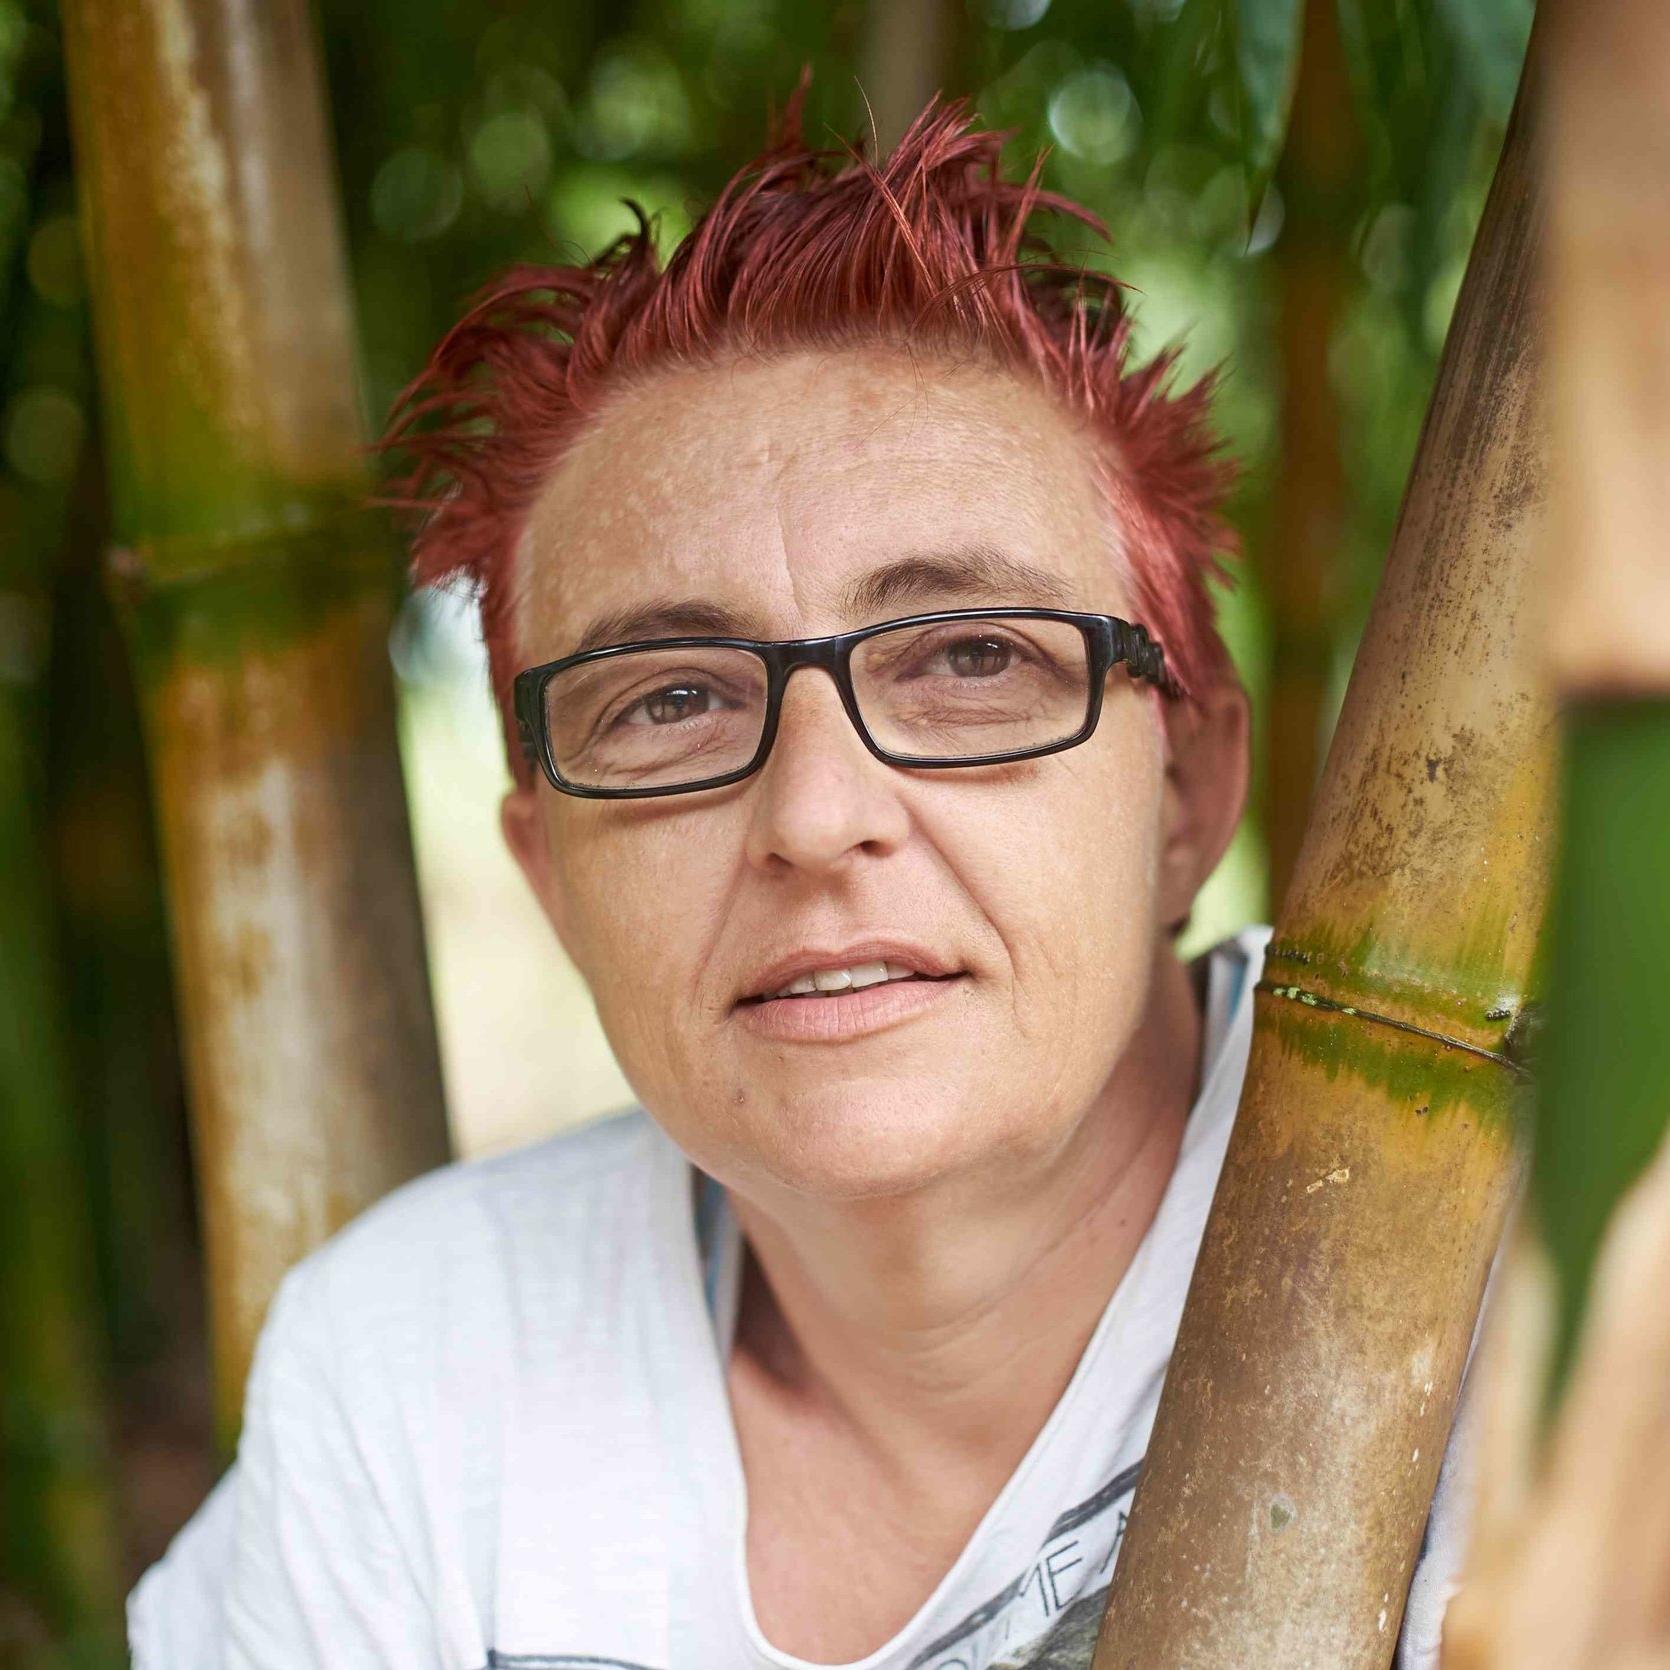 Maeva Bochin   Maeva Bochin nait à La Rochelle en 1973. Descendante de famille calédonienne Kabyle, elle vit en Nouvelle-Calédonie depuis bientôt 30 ans.  Diplômée de l'Ecole Nationale des Beaux-Arts de Nancy, elle va s'installer dans le nord de l'île. Pour partager son savoir et son savoir-faire, elle ouvre un atelier chez elle et intervient également en classes culturelles dans les établissements scolaires.  La gravure, la peinture sur grands formats, l'installation, le Land-Art sont ses domaines de prédilection. Elle monte sa première exposition sur le thème de l'homosexualité en Nouvelle-Calédonie, puis une seconde sur l'autisme et enfin la condition féminine.  Déterminée à travailler avec les personnes en difficulté, elle met en place des ateliers avec des structuresaccueillant des adolescents, dans des foyers recueillant des femmes et des personnes en situation de handicap et décide de ne plus exposer dans des galeries ou espaces d'exposition traditionnels.